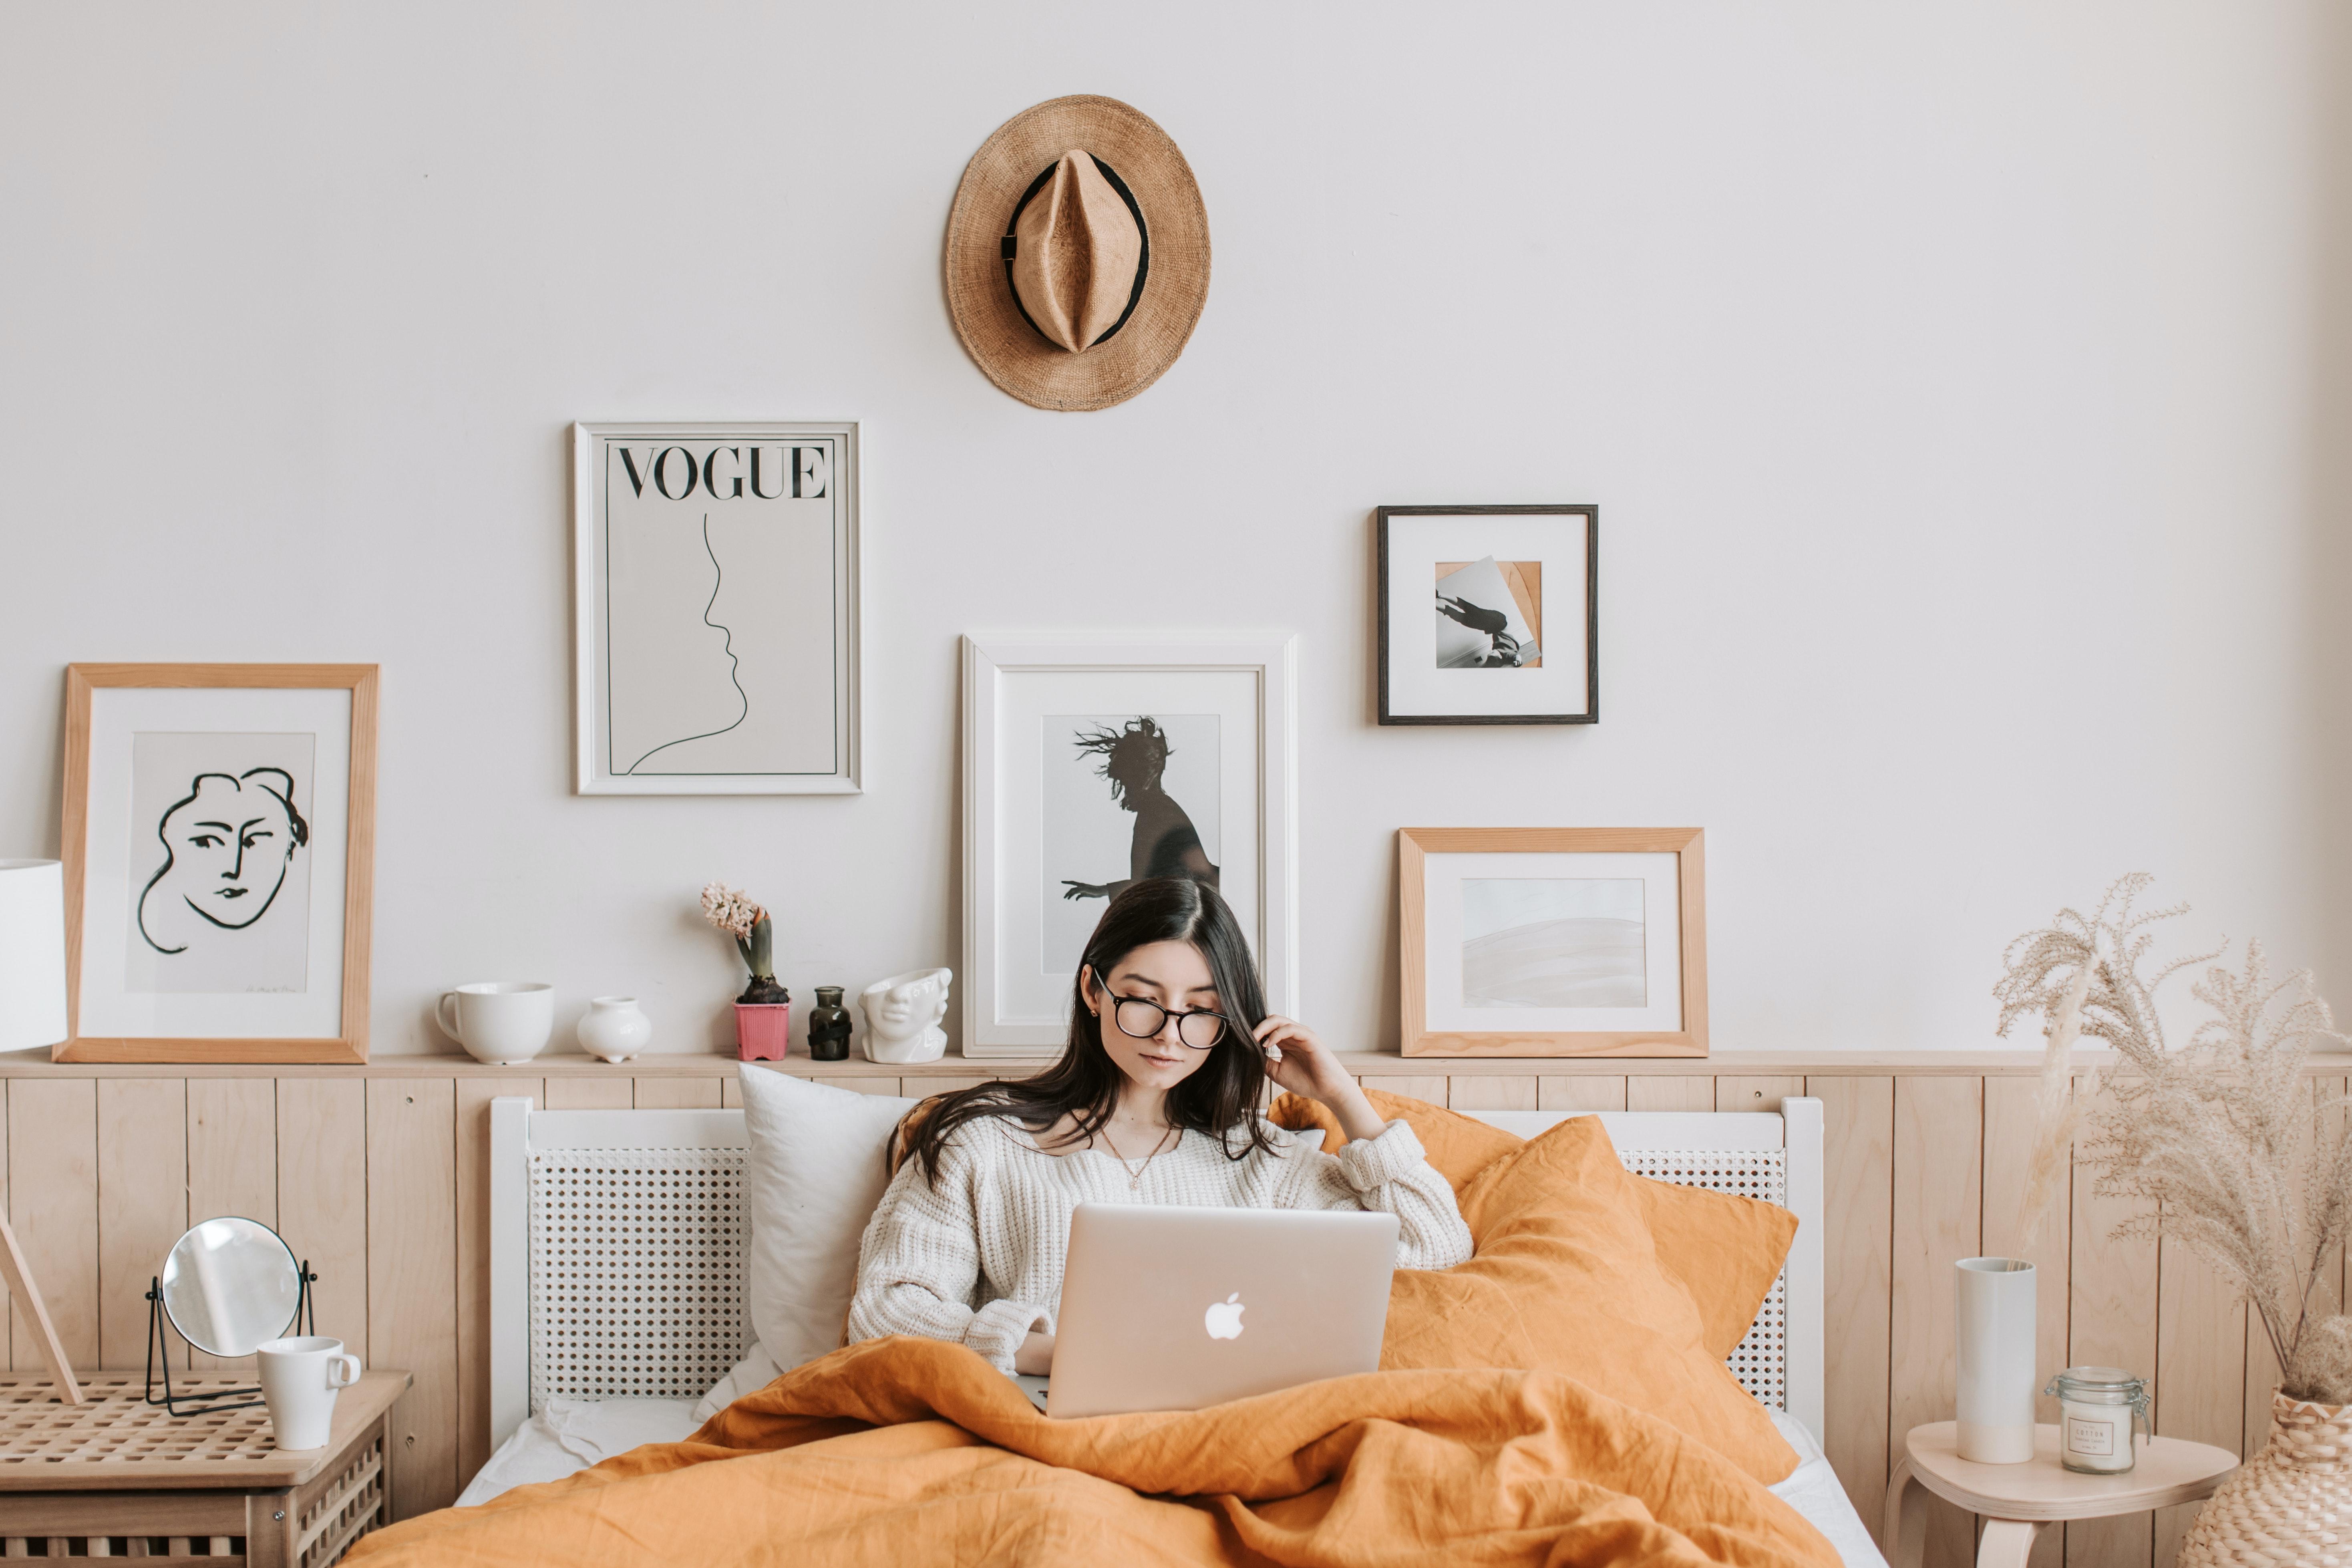 lười biếng cô gái dùng máy tính trên giường